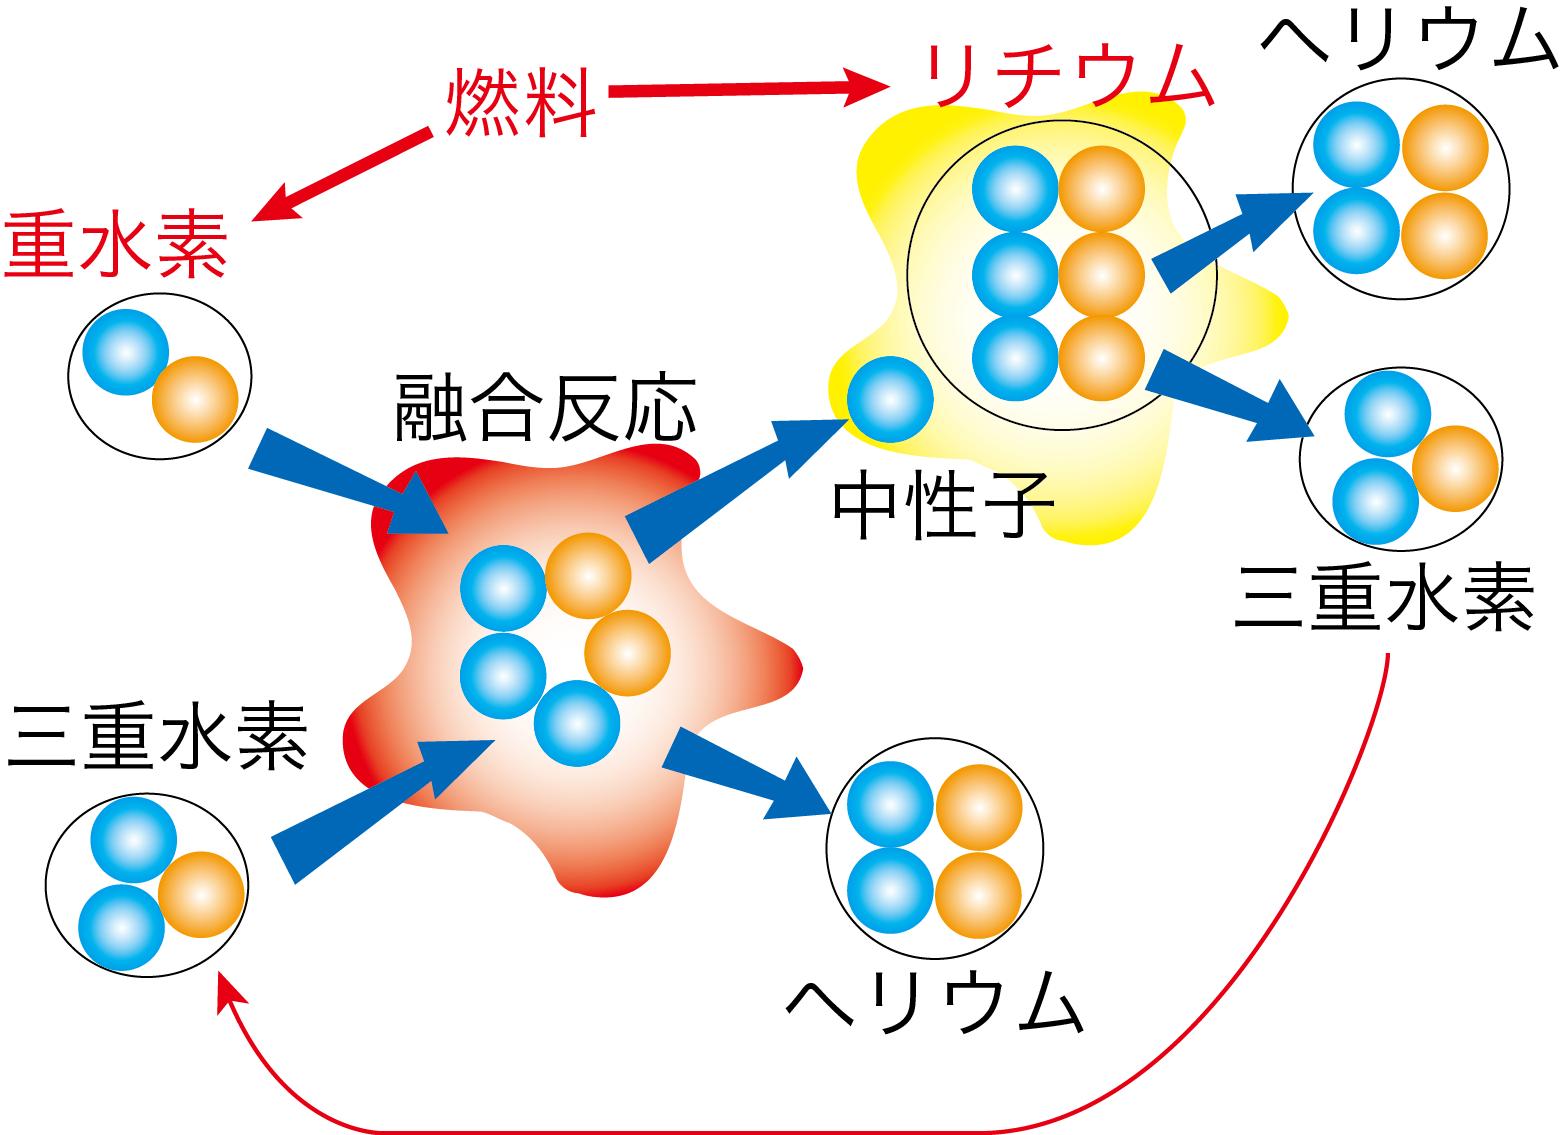 核融合発電所で使われる実際の燃料と反応